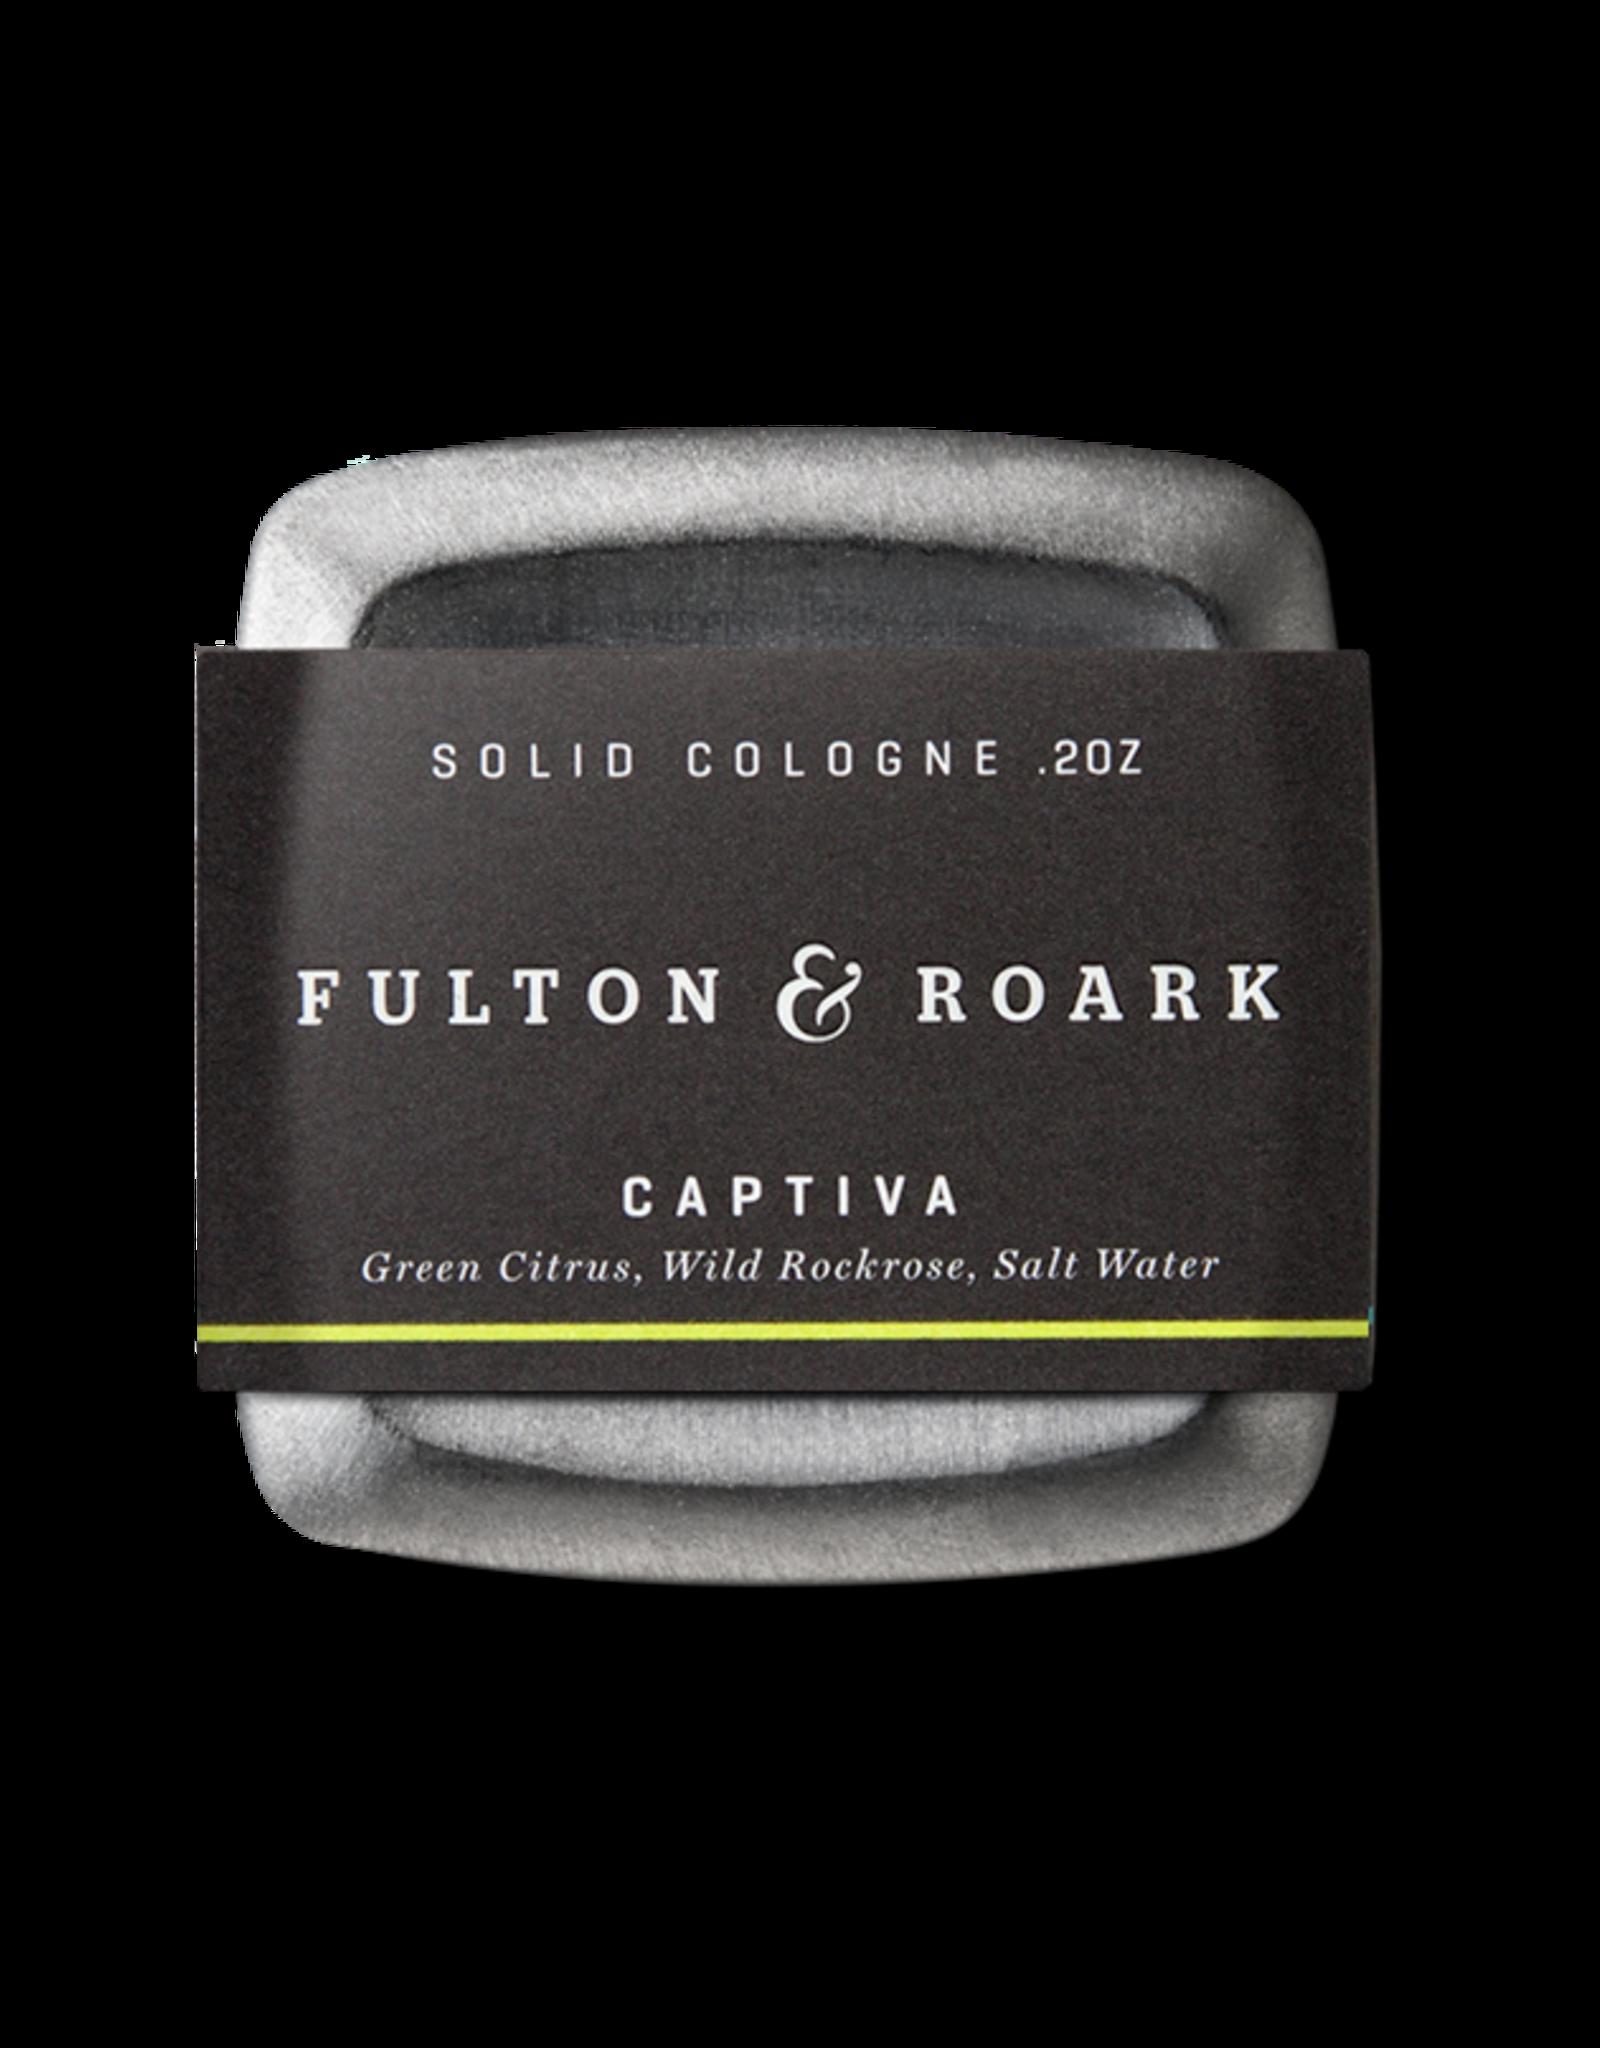 Fulton & Roark Captiva Solid Cologne